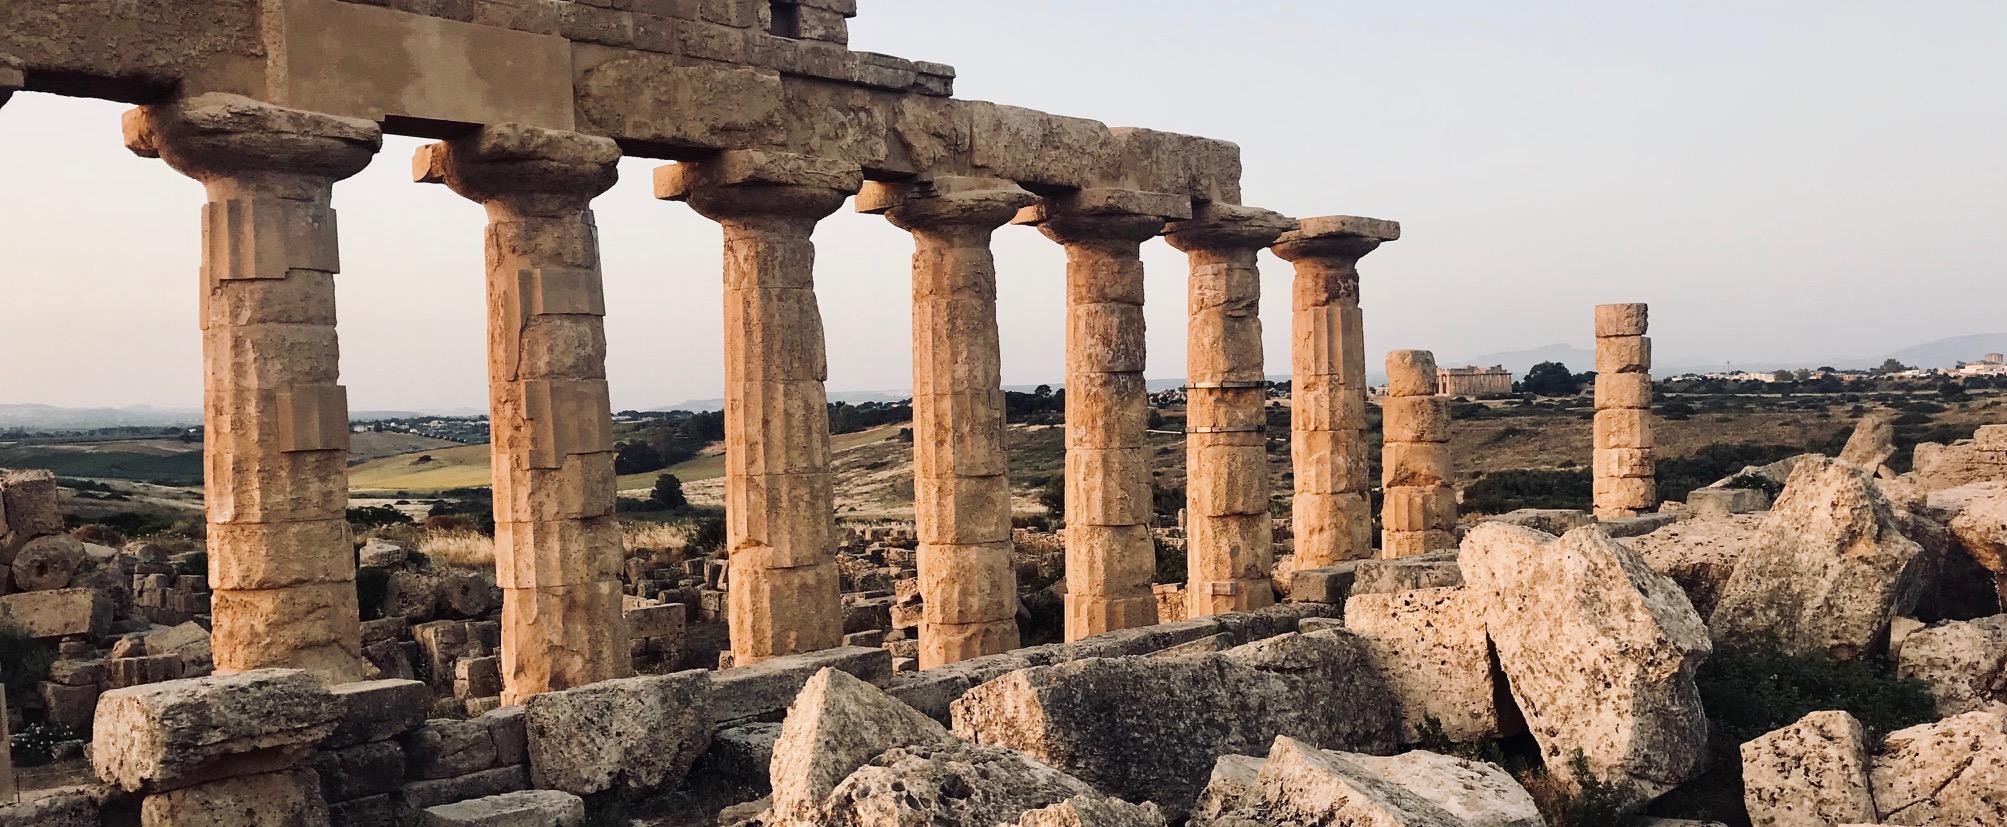 tourisme kitesurf sicile, visit temple et guide excursion